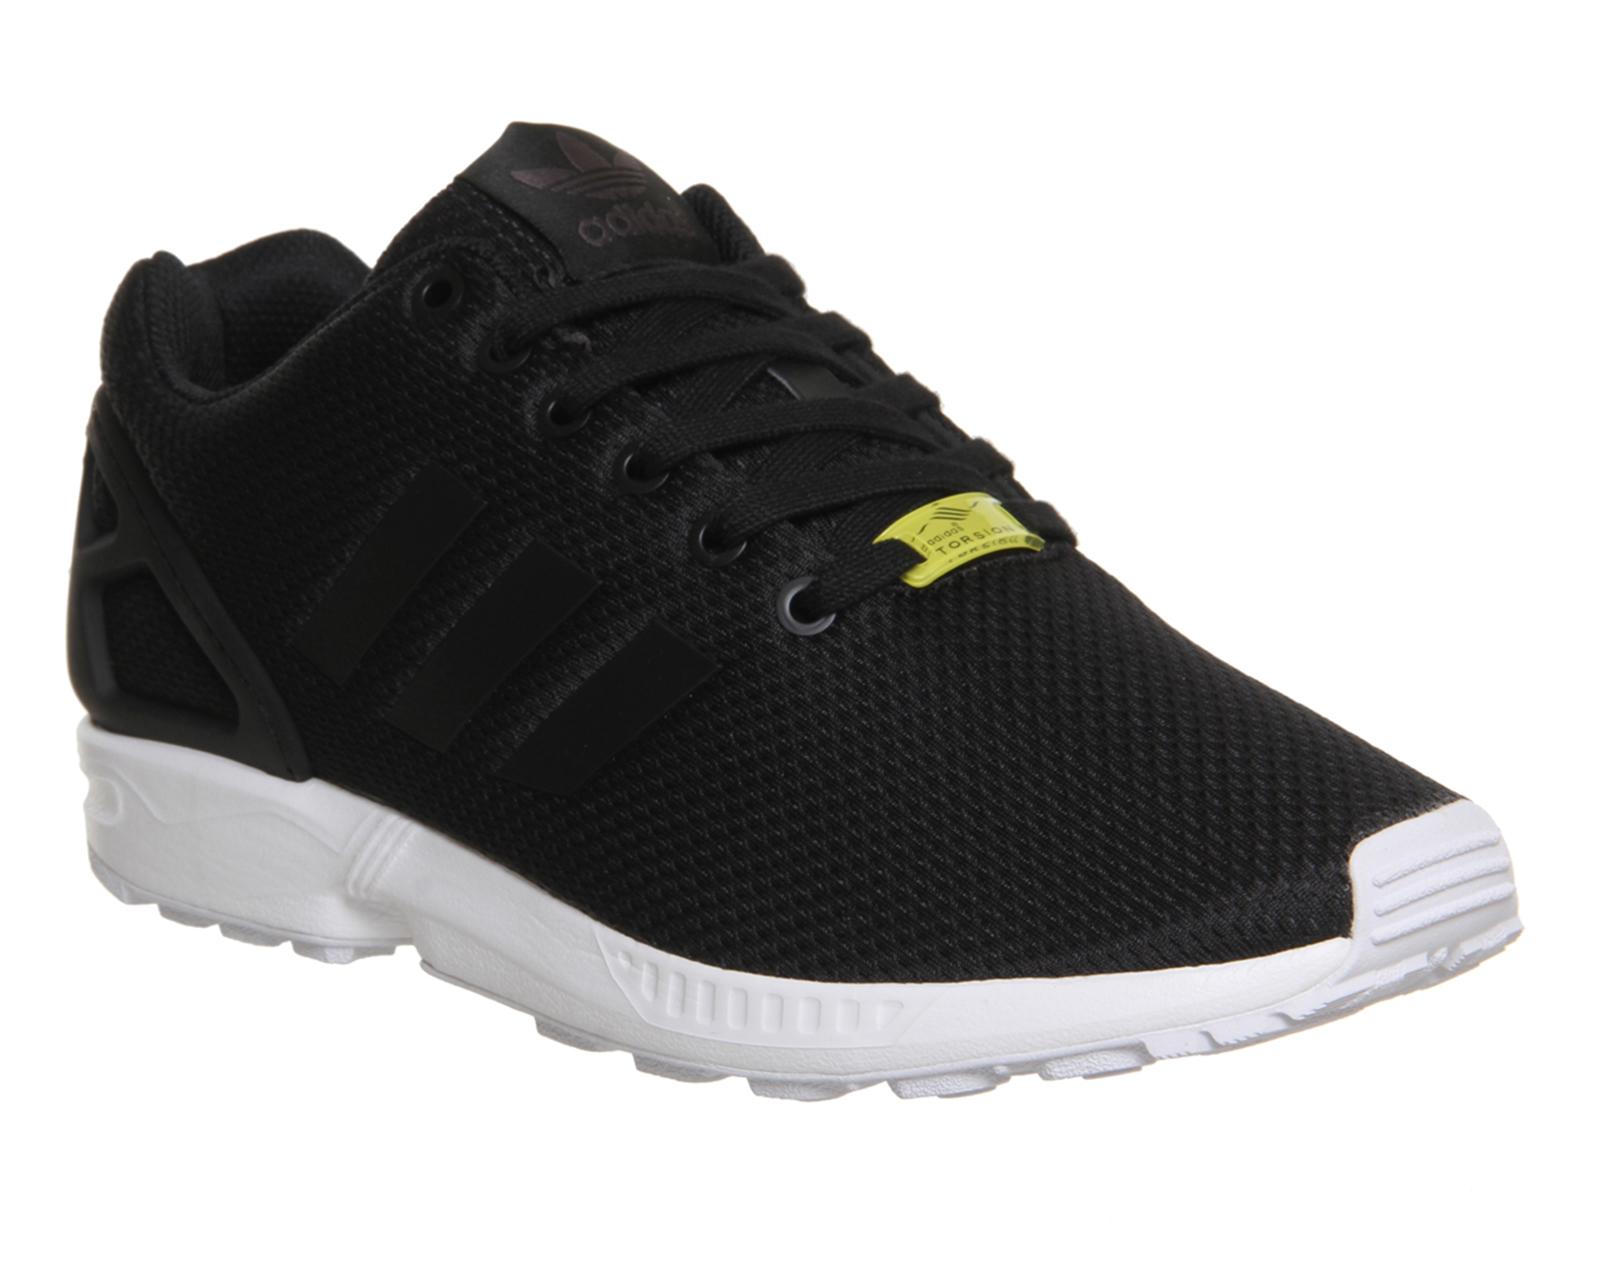 Détails sur Homme Adidas ZX FLUX NOIR BLANC Baskets Chaussures afficher le titre d'origine